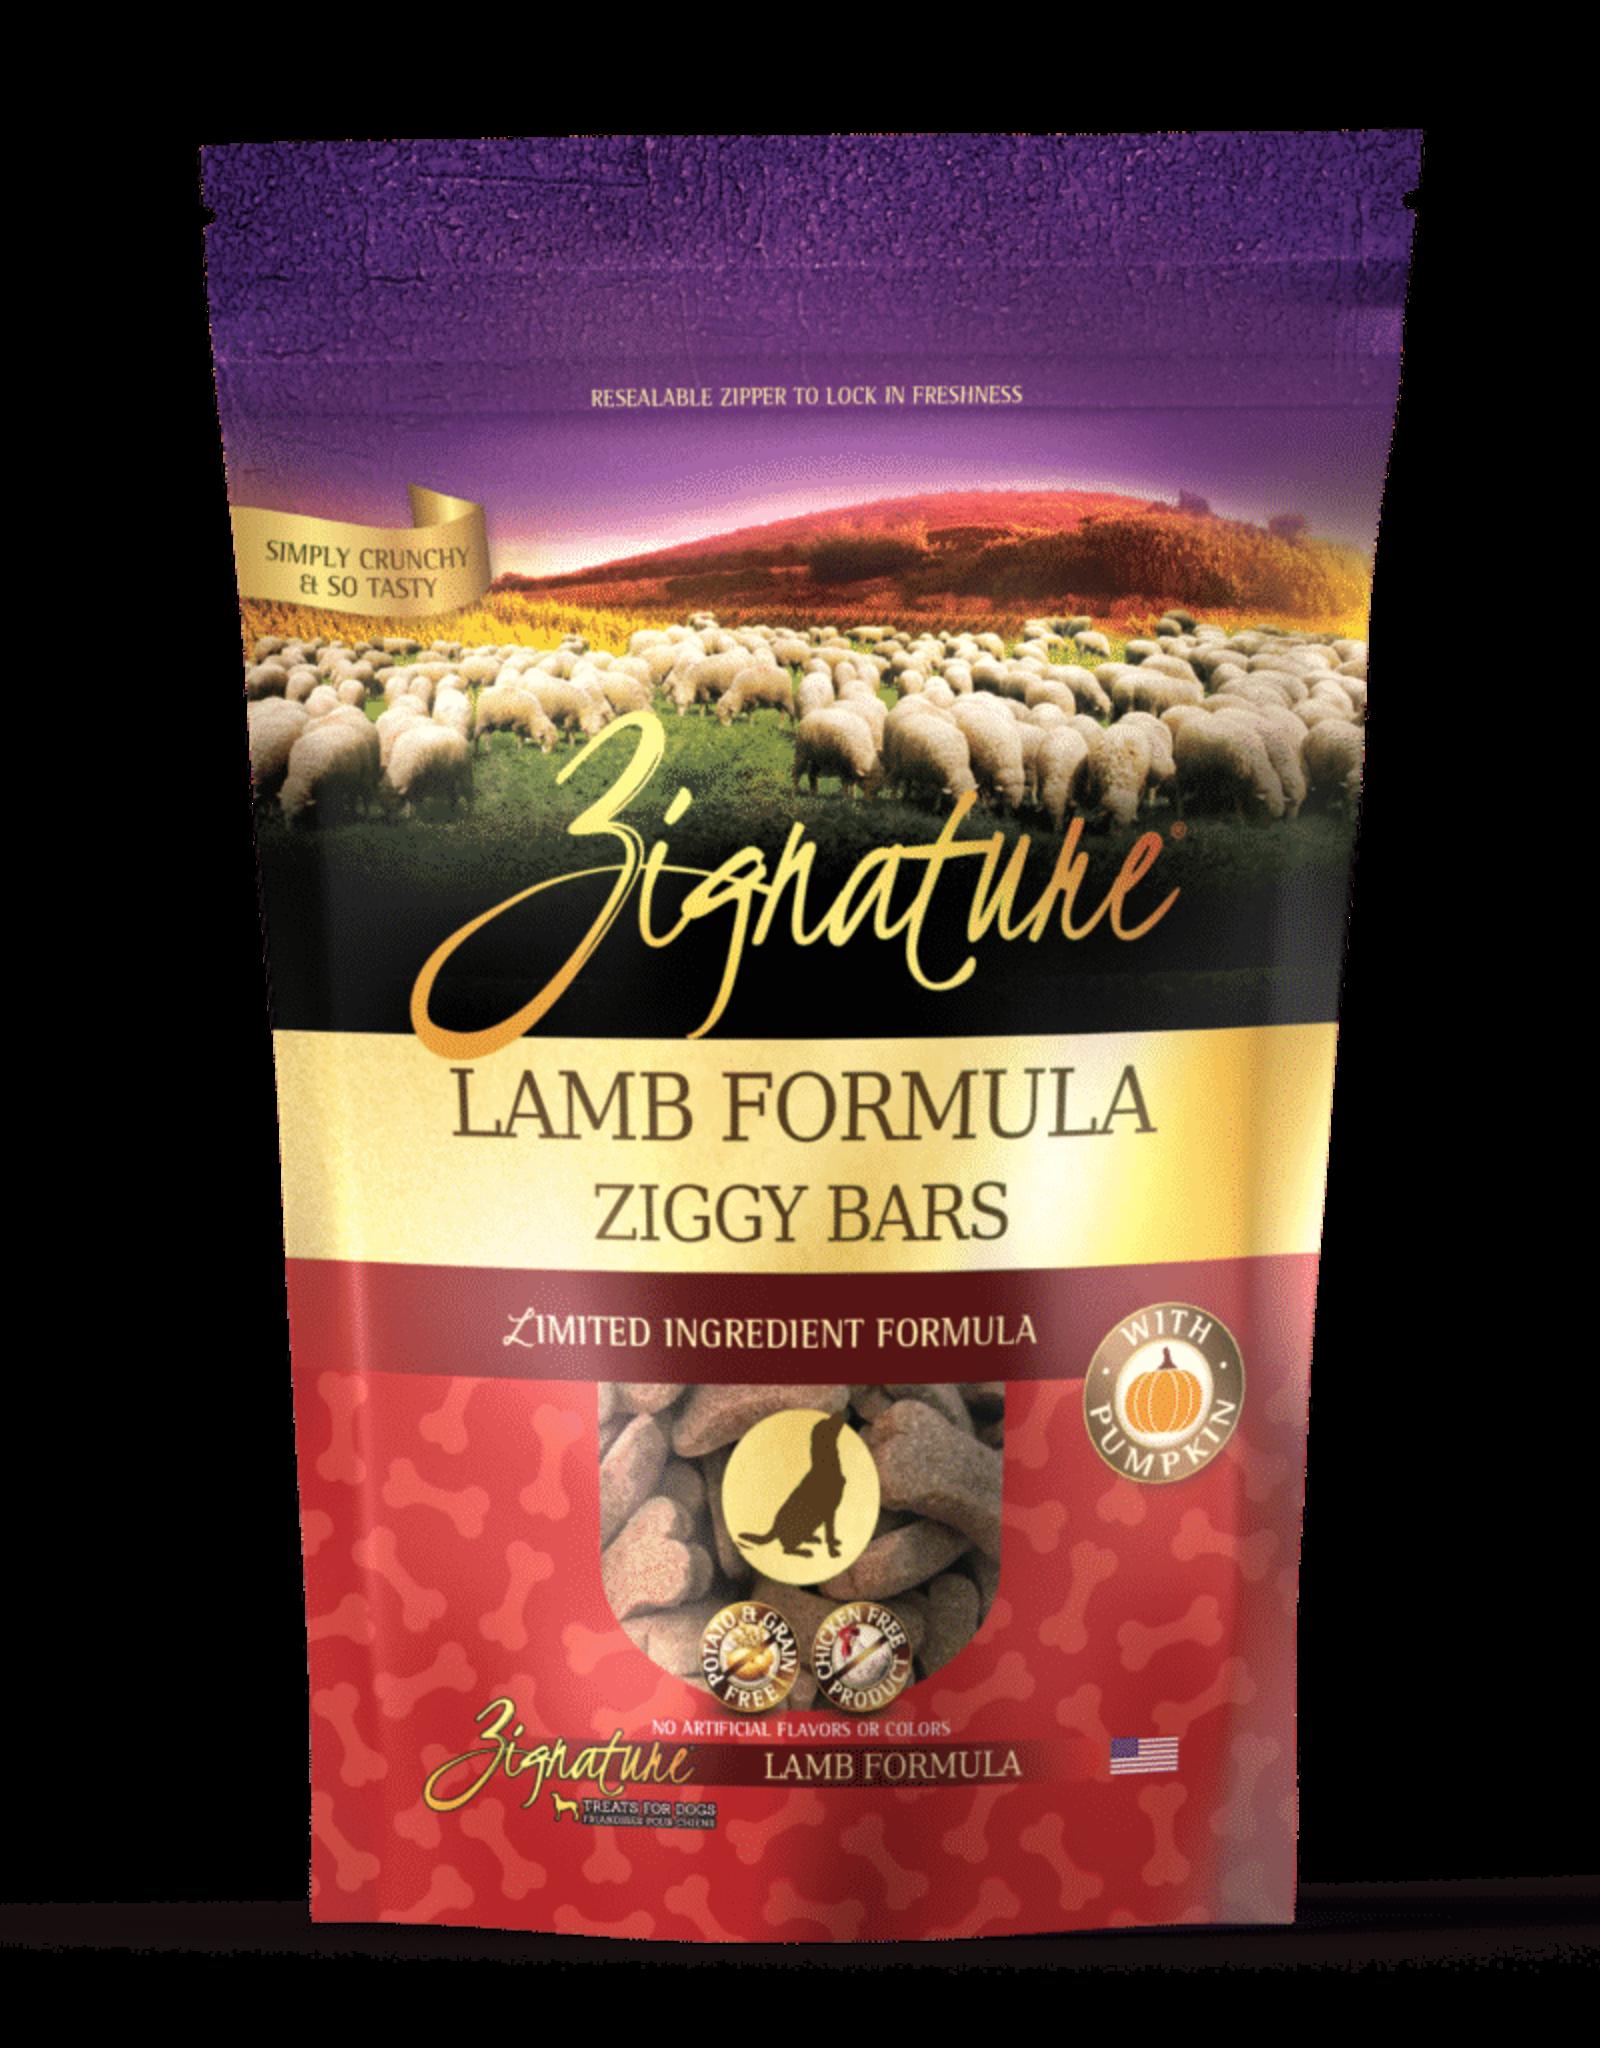 Zignature Ziggy Bar Lamb Formula - 12oz